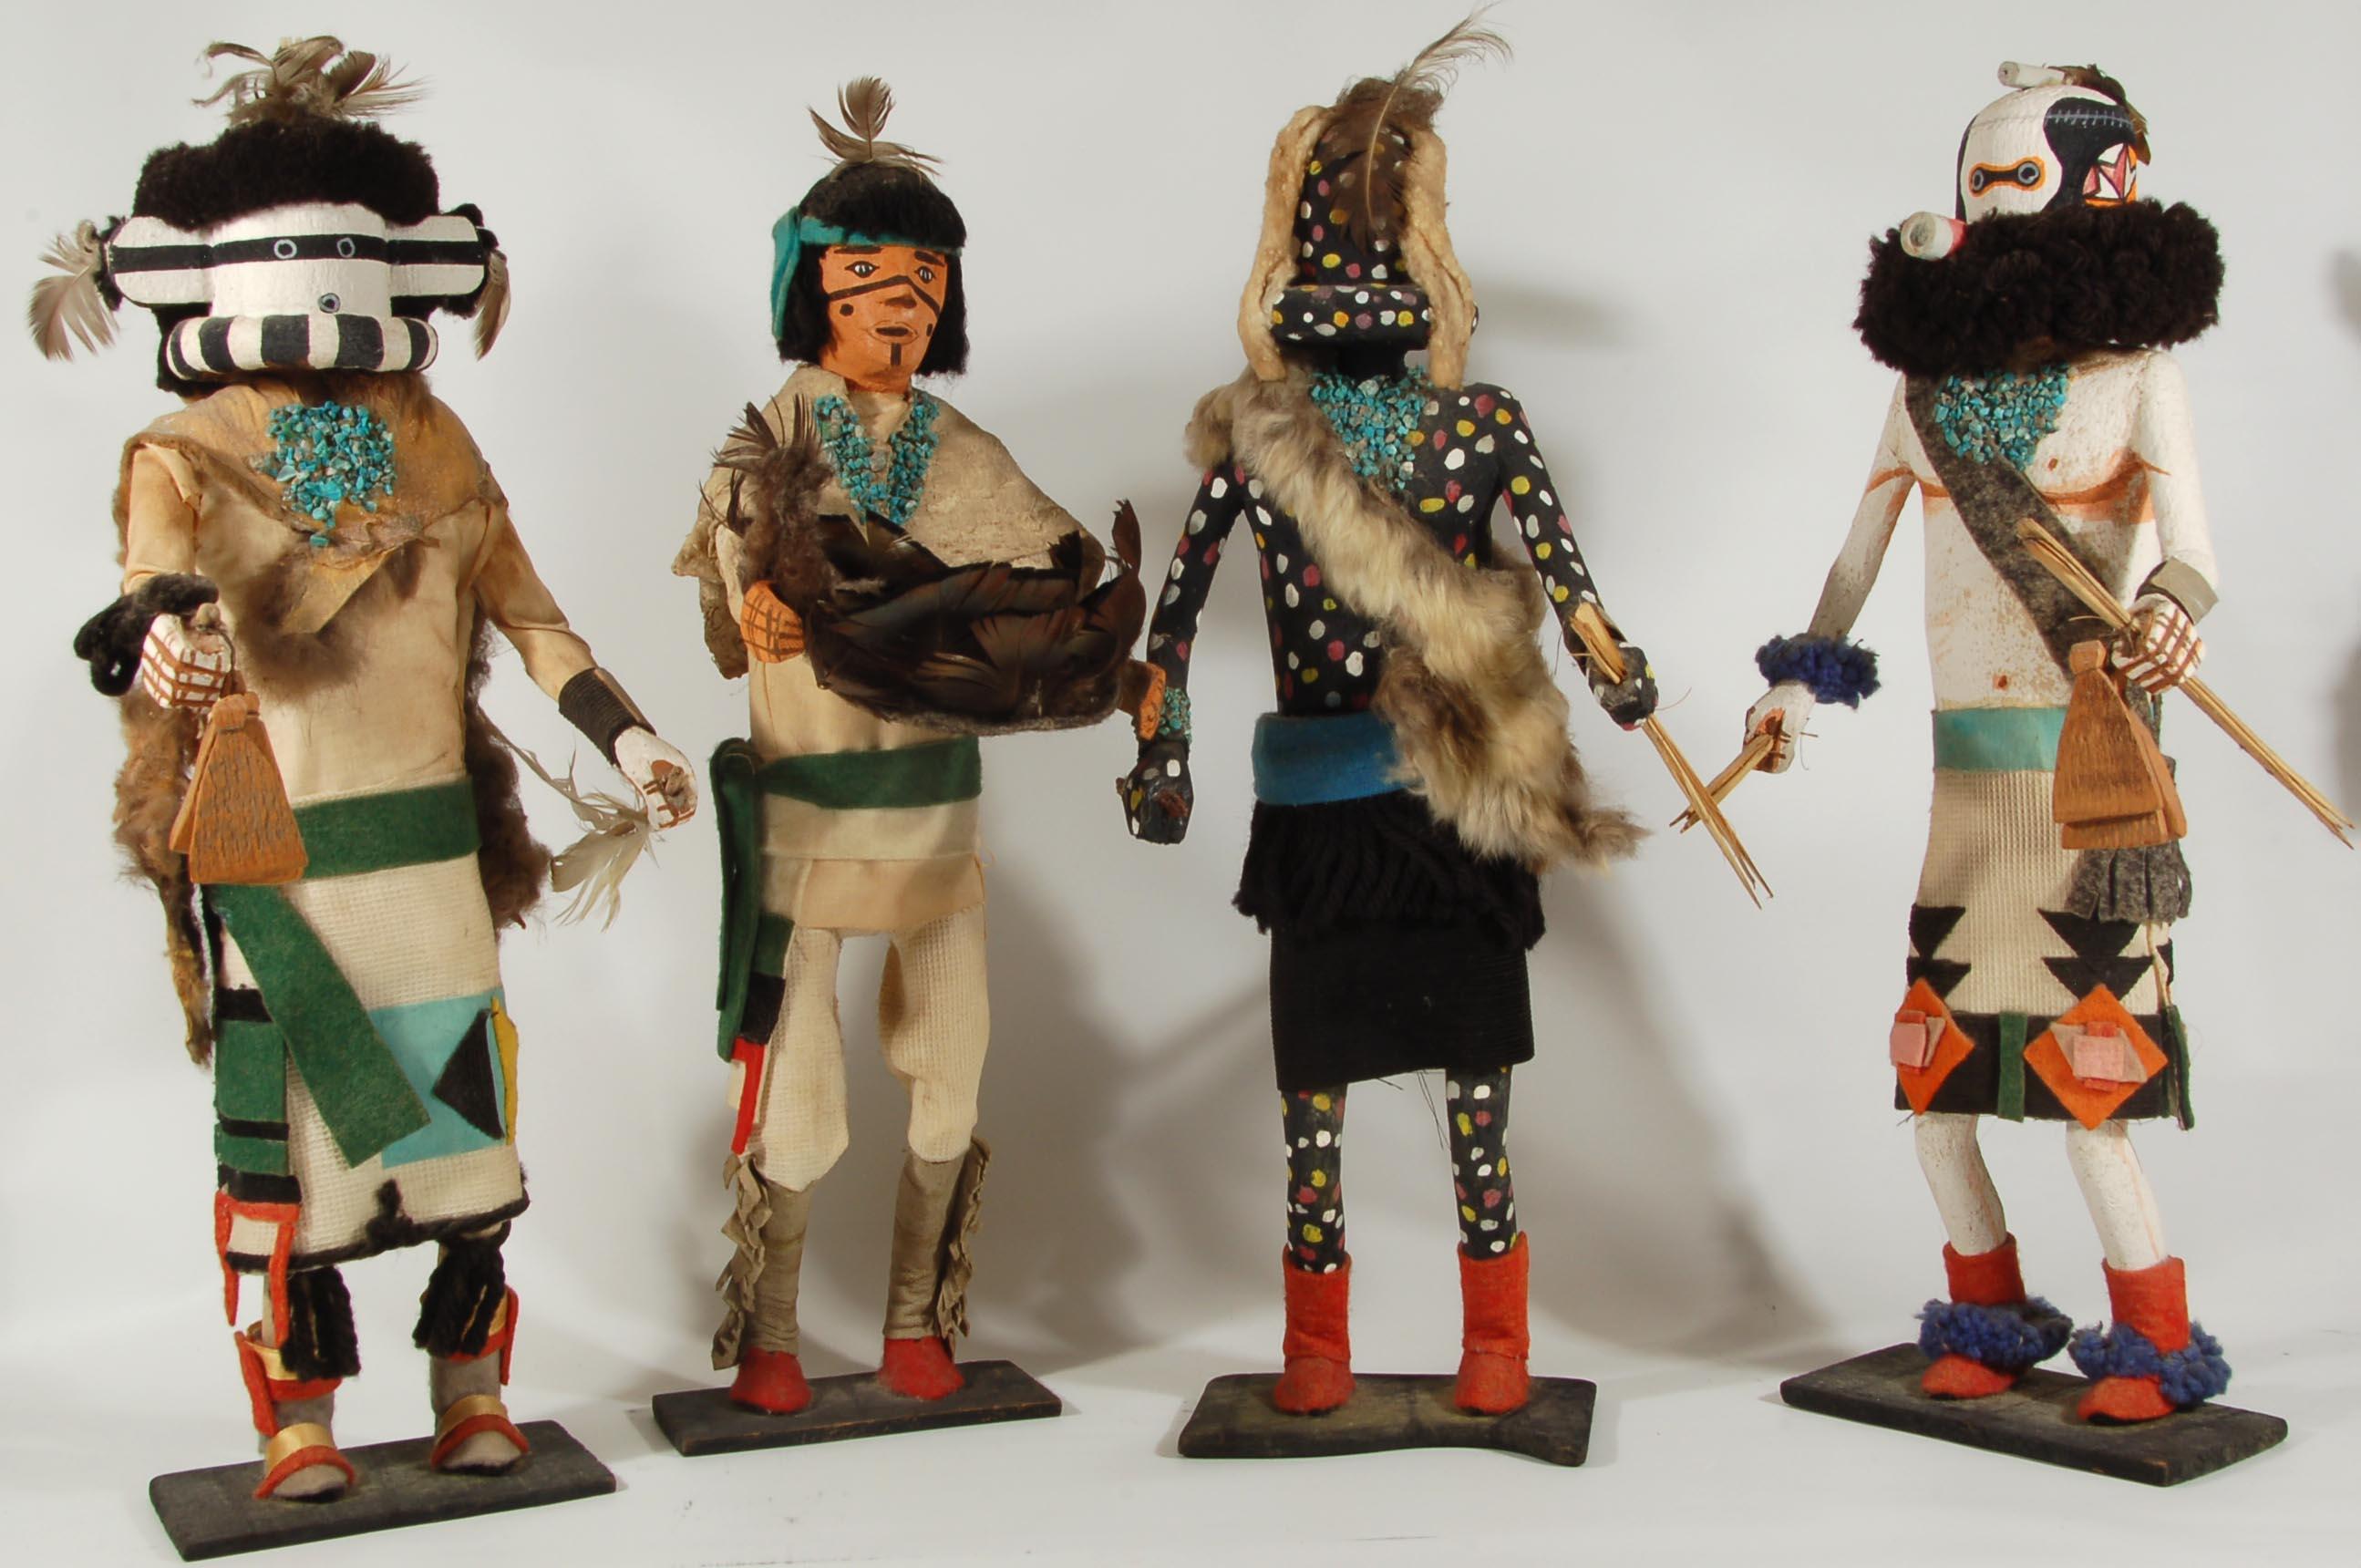 Rare and Remarkable Katsina Dolls - Adobe Gallery, Santa Fe